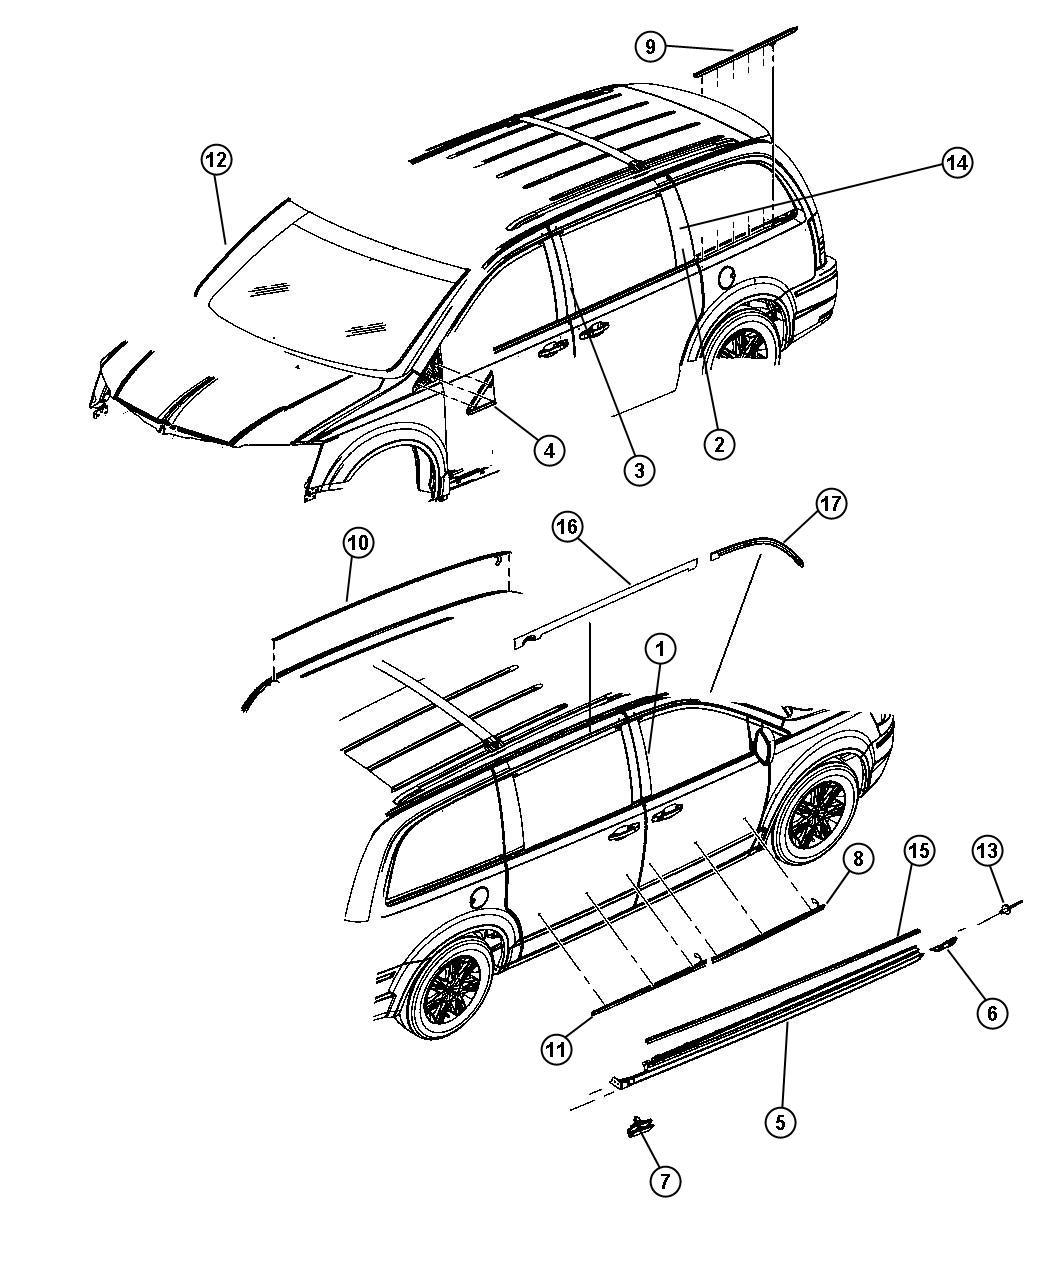 2010 Dodge Grand Caravan Cladding  Right  Sill  Color